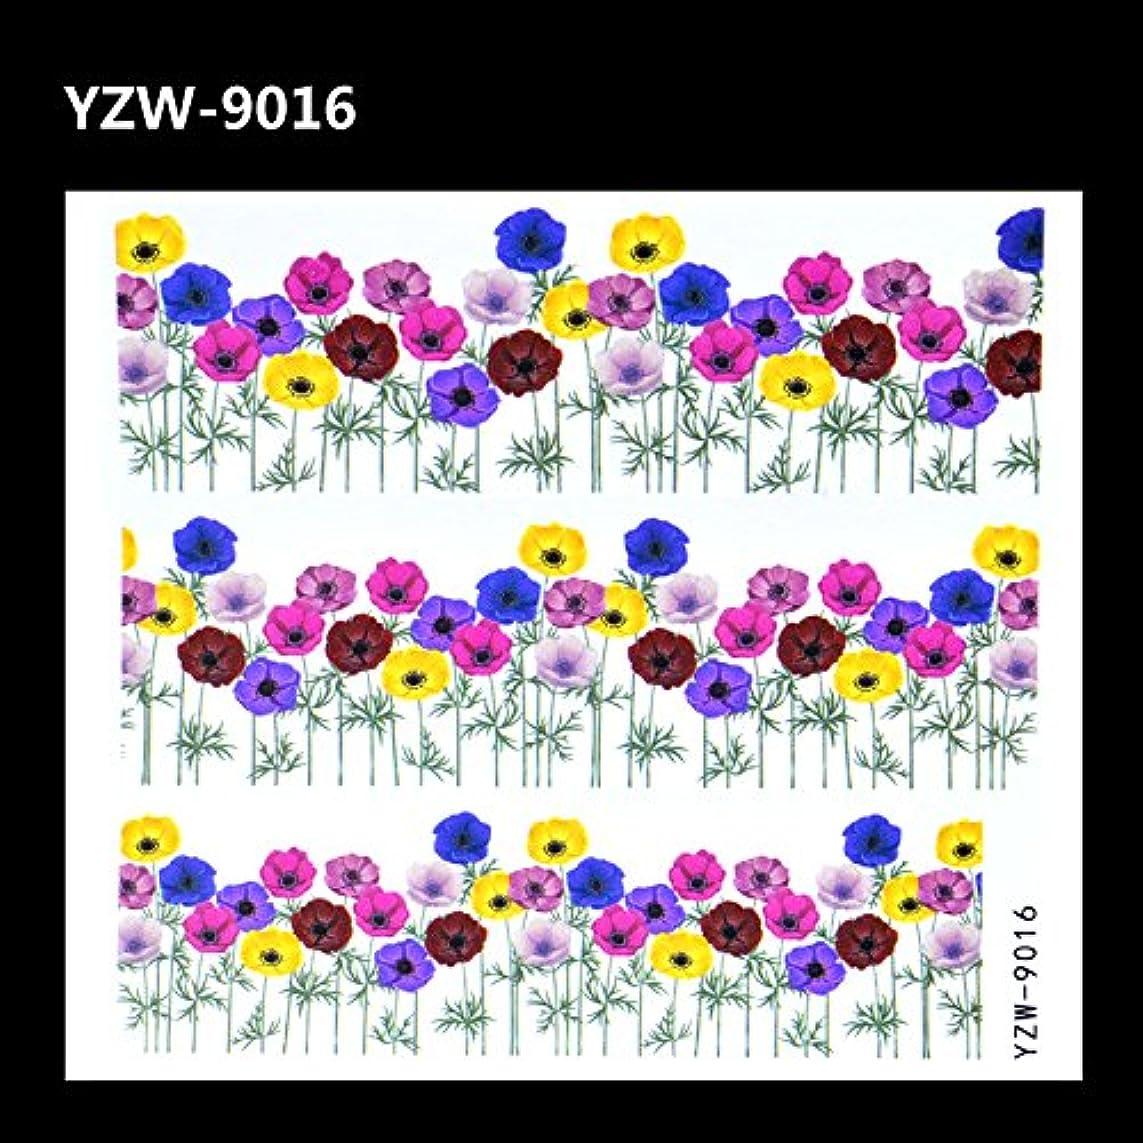 正当な担保高音SUKTI&XIAO ネイルステッカー 1シート美容水転写ネイルステッカーカラフルな花柄デカールtaattoo用ネイルアートのヒント装飾ツール